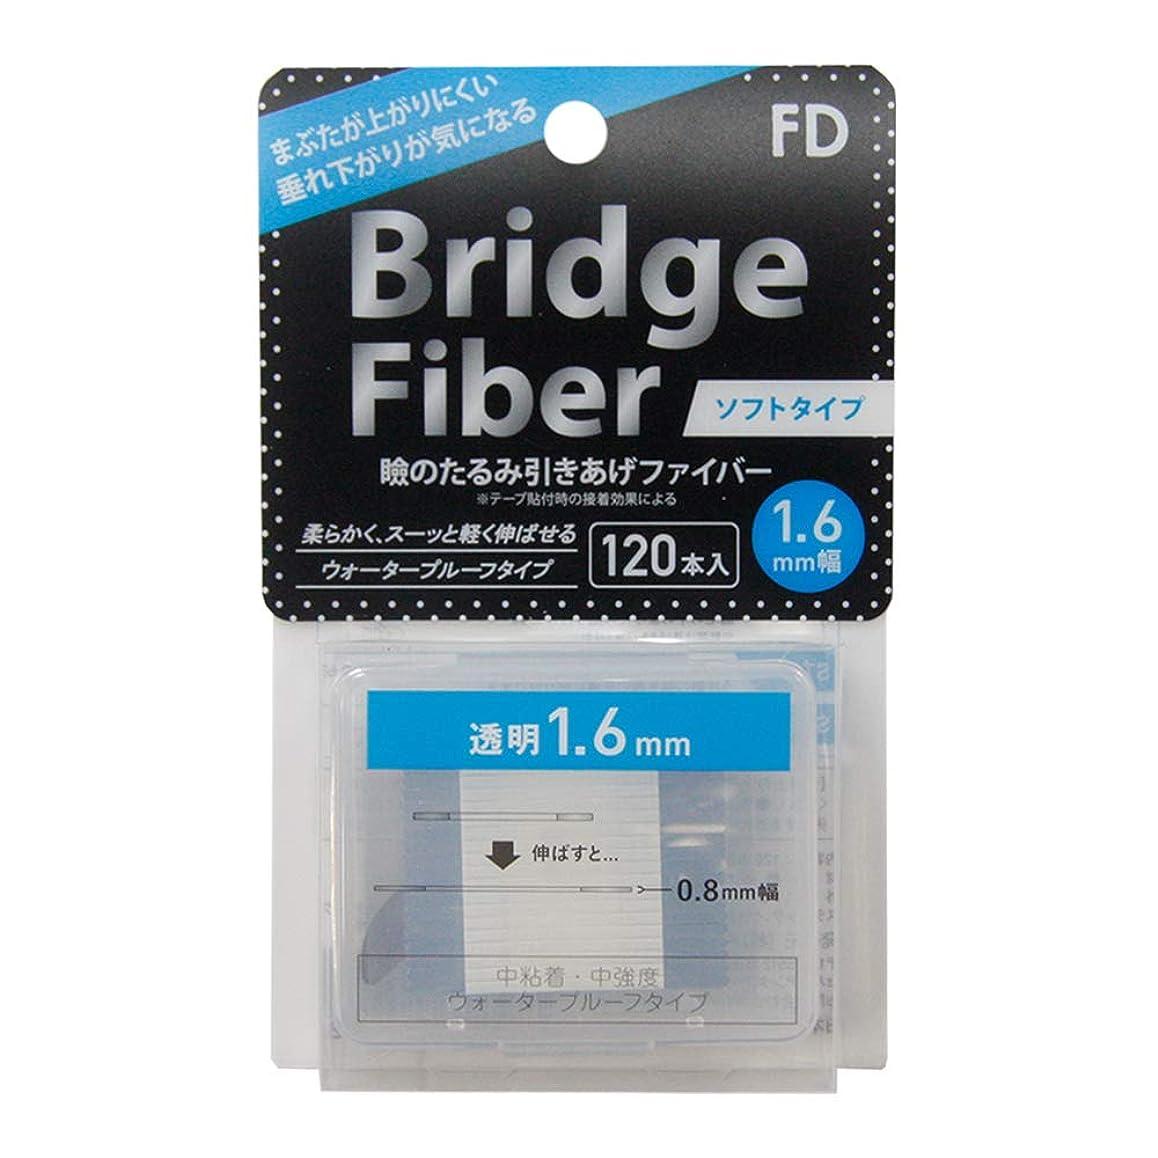 ひいきにする博物館夢中FD ブリッジソフトファイバー 眼瞼下垂防止テープ ソフトタイプ 透明1.6mm幅 120本入り